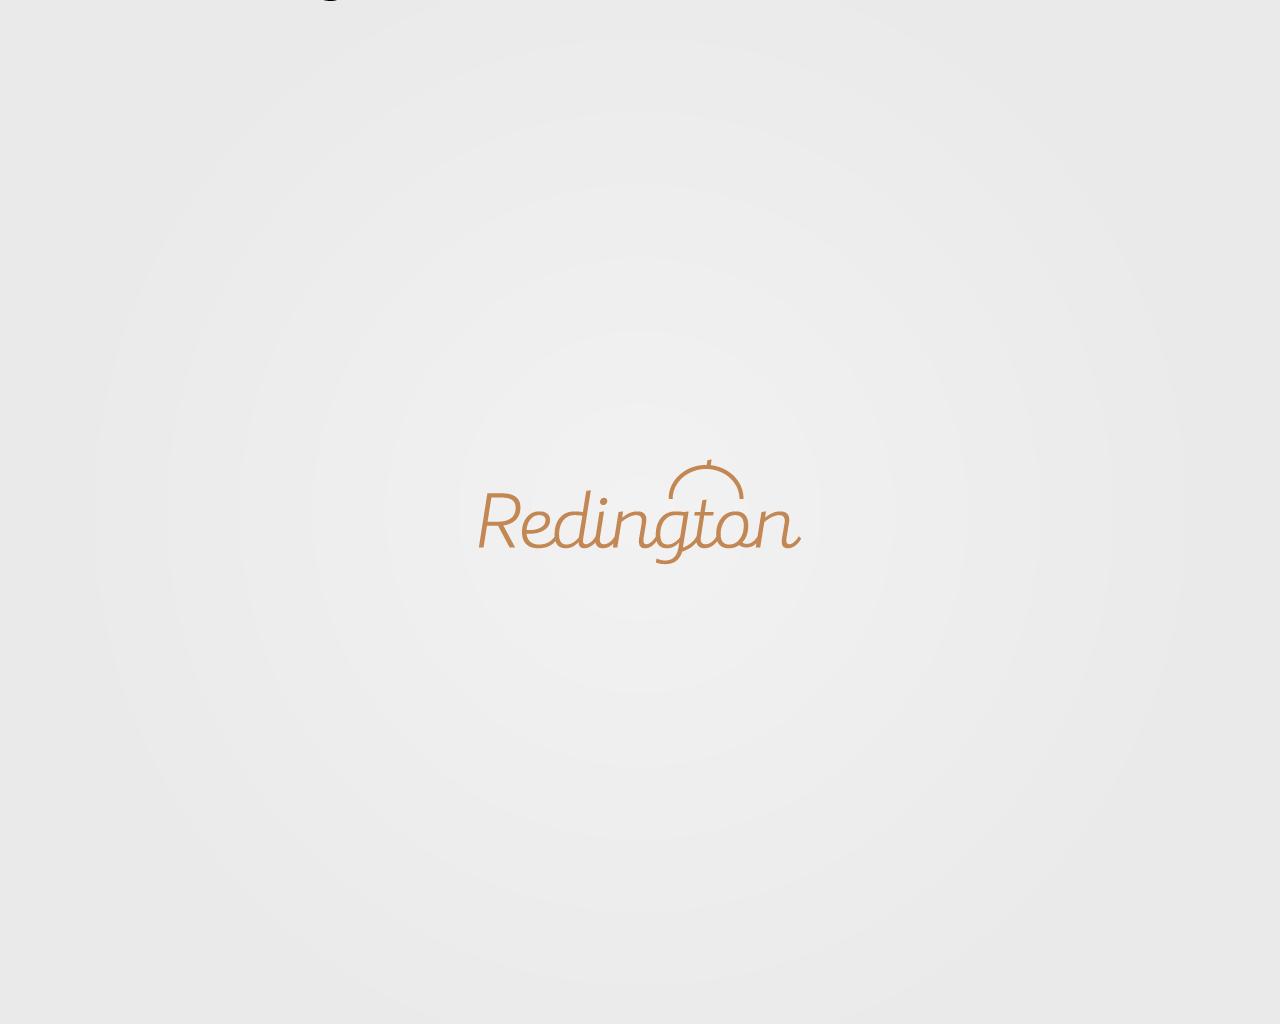 Создание логотипа для компании Redington фото f_00259b389654064b.png